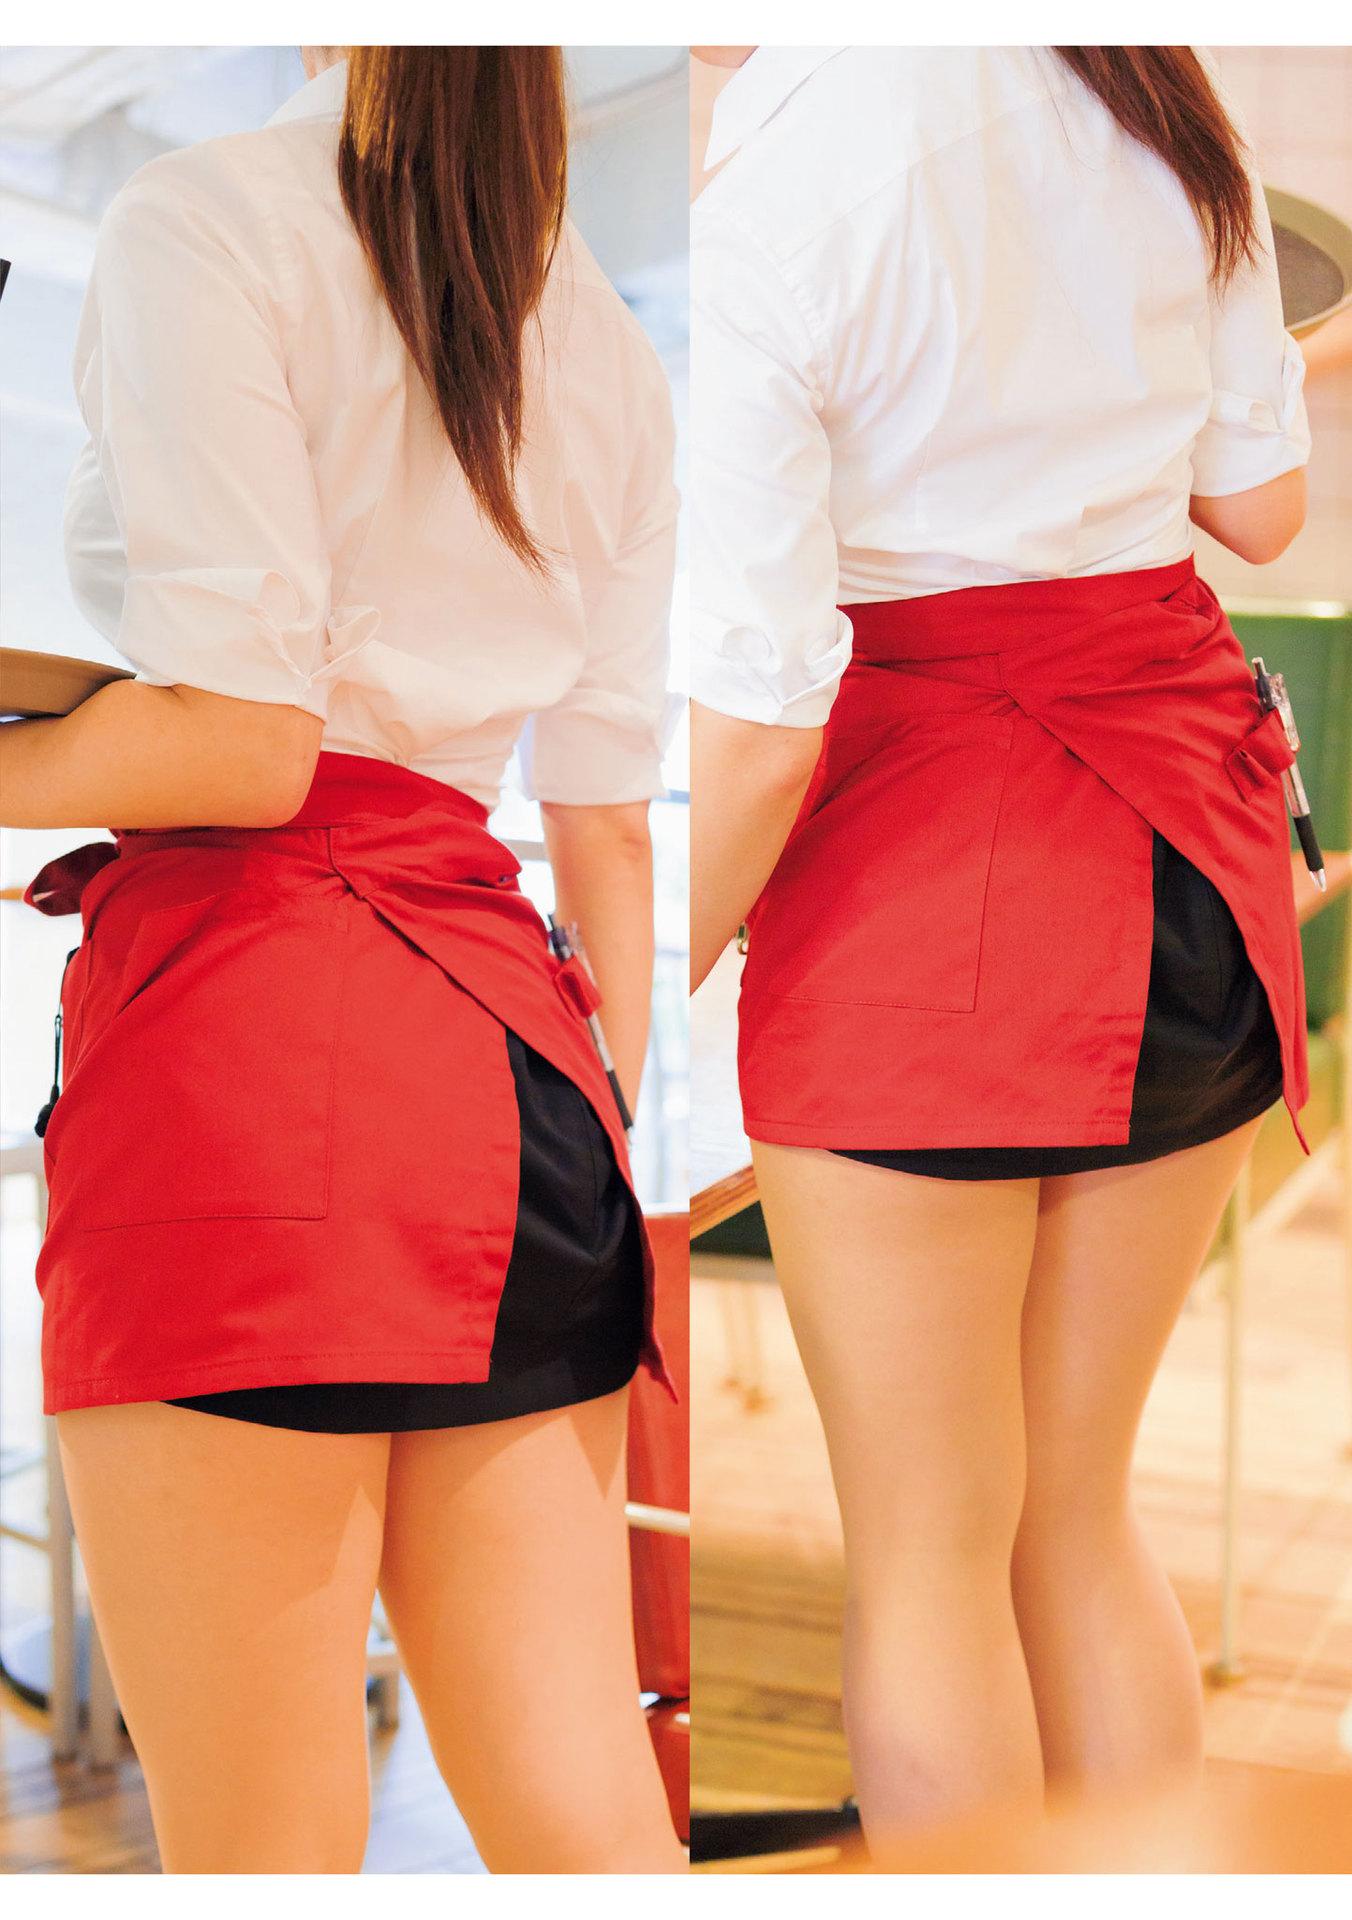 Uniform, swimsuit, underwear yukata072